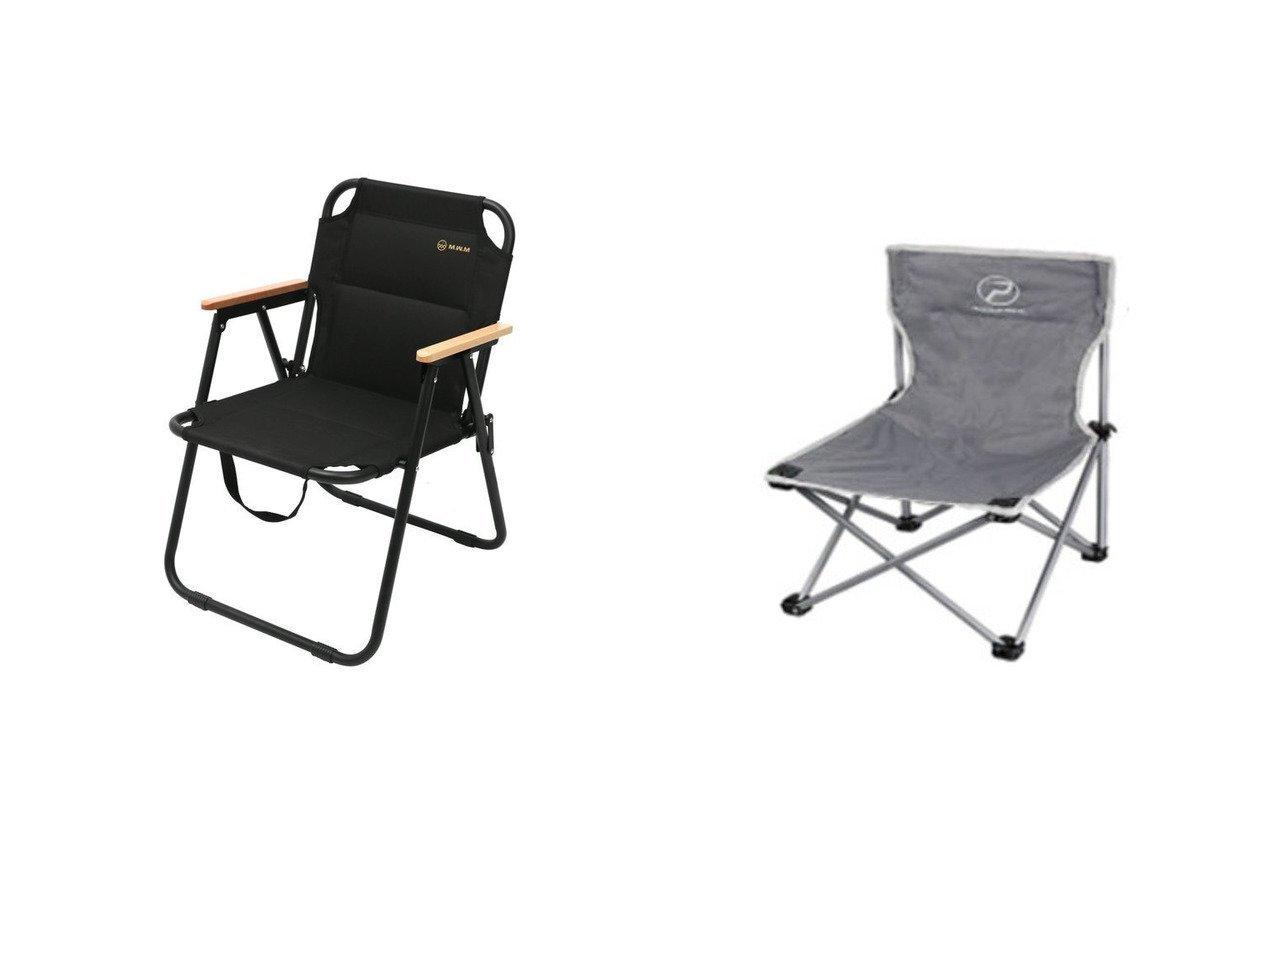 【PROX/プロックス】のあぐらイス座面ちょい高&【M.W.M/エム ダブリュ エム】のREADY Chair 2 (レディーチェア 2) 【アウトドアチェア】おすすめ!人気キャンプ・アウトドア用品の通販 おすすめで人気の流行・トレンド、ファッションの通販商品 インテリア・家具・メンズファッション・キッズファッション・レディースファッション・服の通販 founy(ファニー) https://founy.com/ アウトドア クッション コンパクト シンプル スタンド テーブル バランス フレーム おすすめ Recommend ワイド ホーム・キャンプ・アウトドア Home,Garden,Outdoor,Camping Gear キャンプ用品・アウトドア  Camping Gear & Outdoor Supplies チェア テーブル Camp Chairs, Camping Tables |ID:crp329100000050884